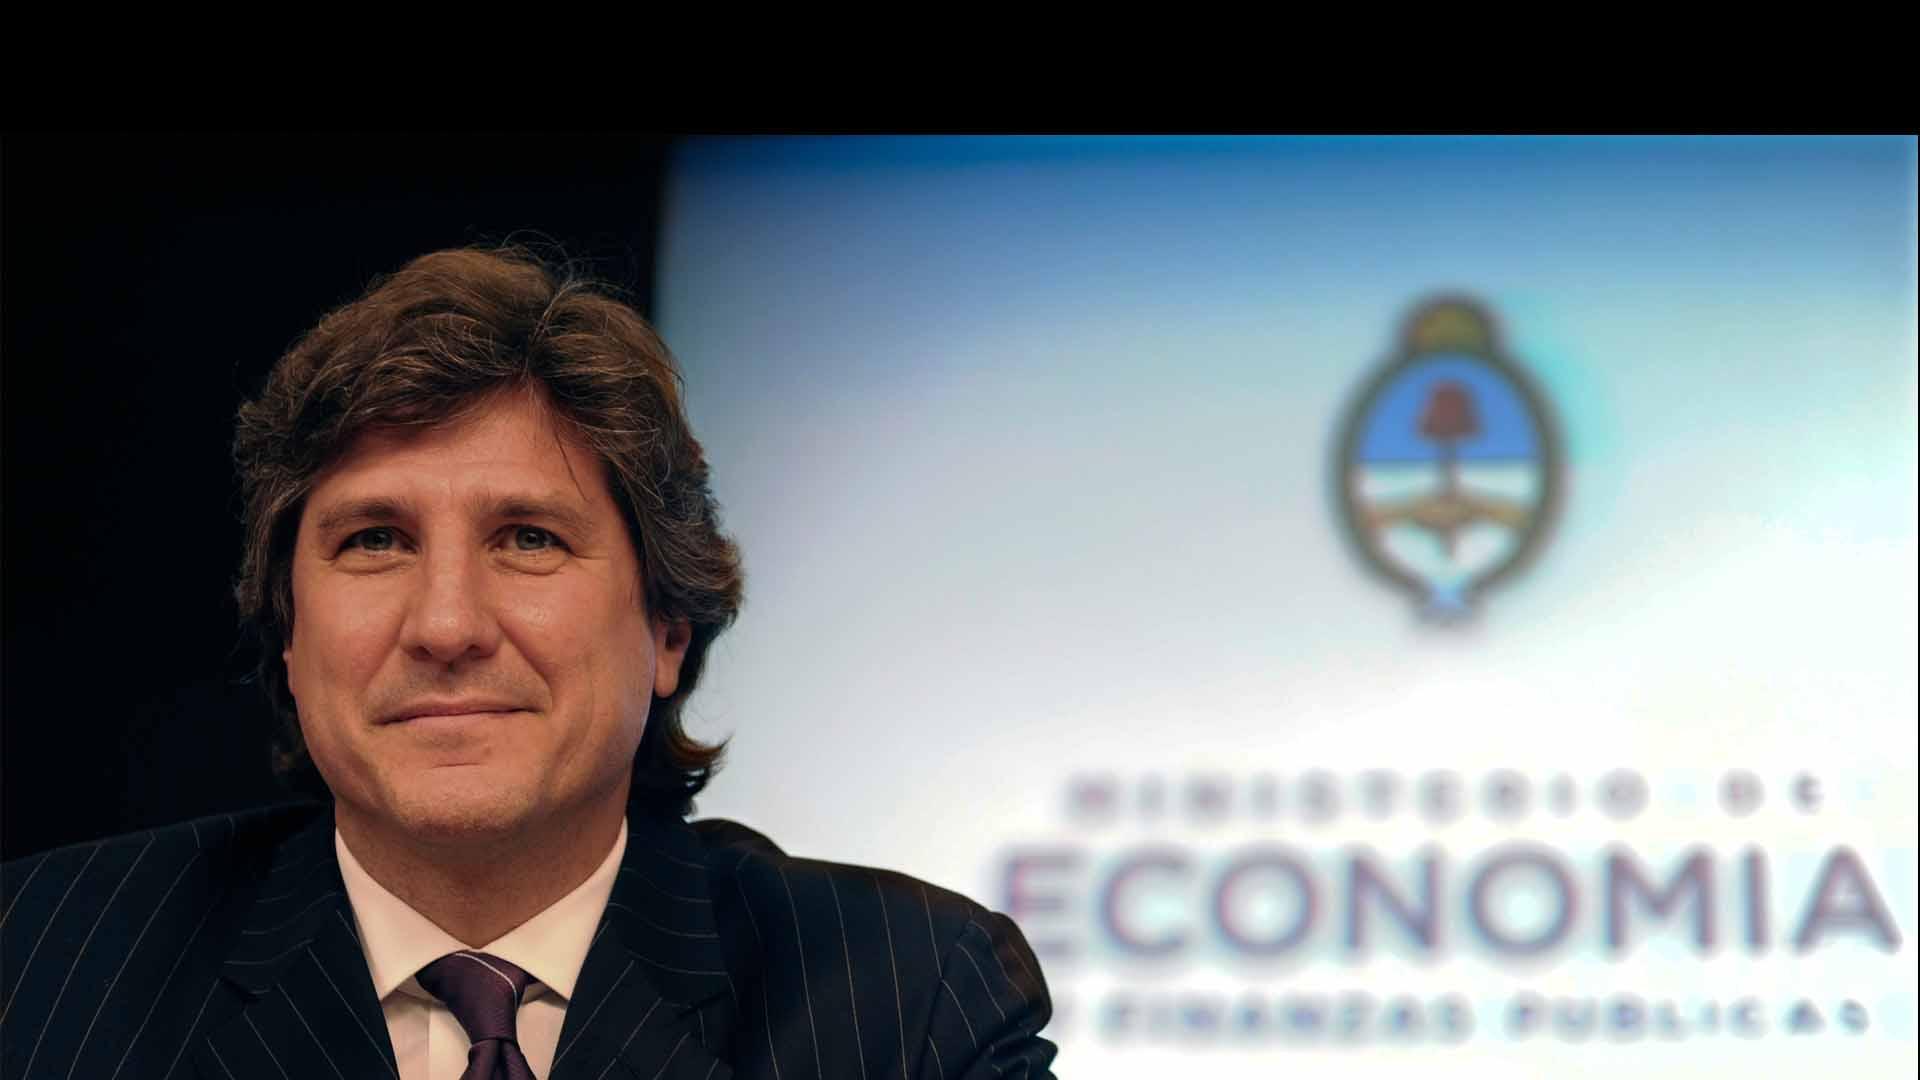 Tres de los funcionarios principales del gobierno de Kirchner serán llevados a juicio por corrupción